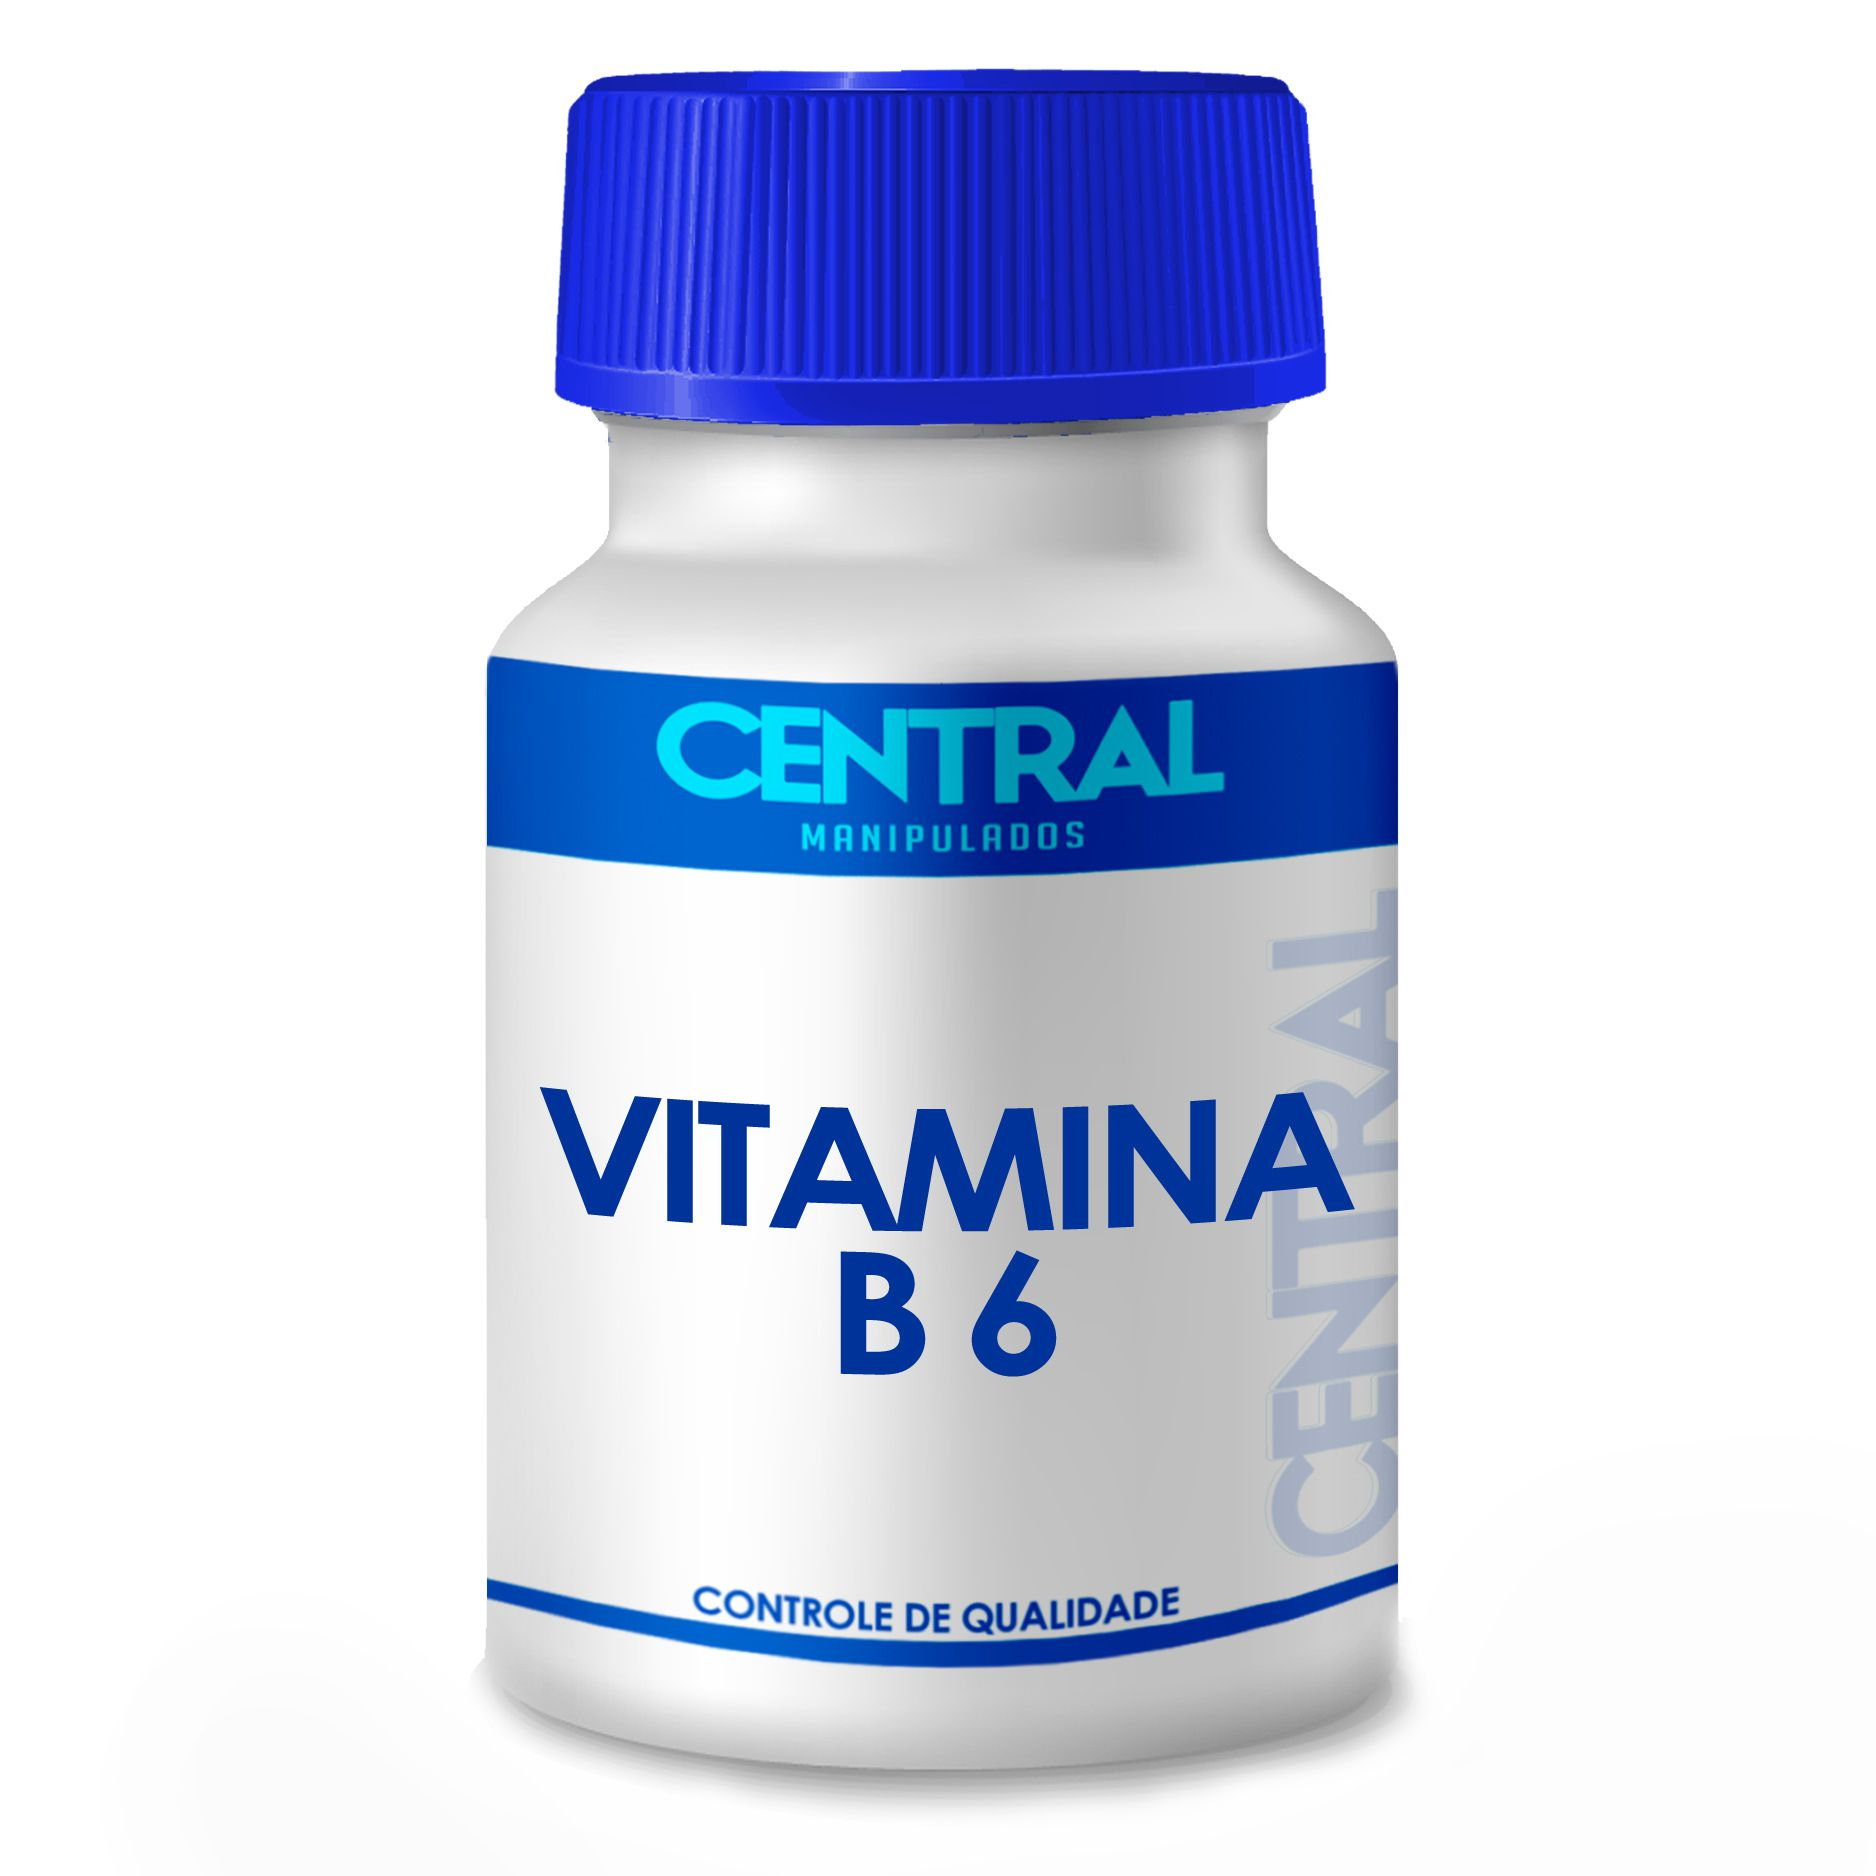 Vitamina B6 - Piridoxina - 100mg 60 cápsulas